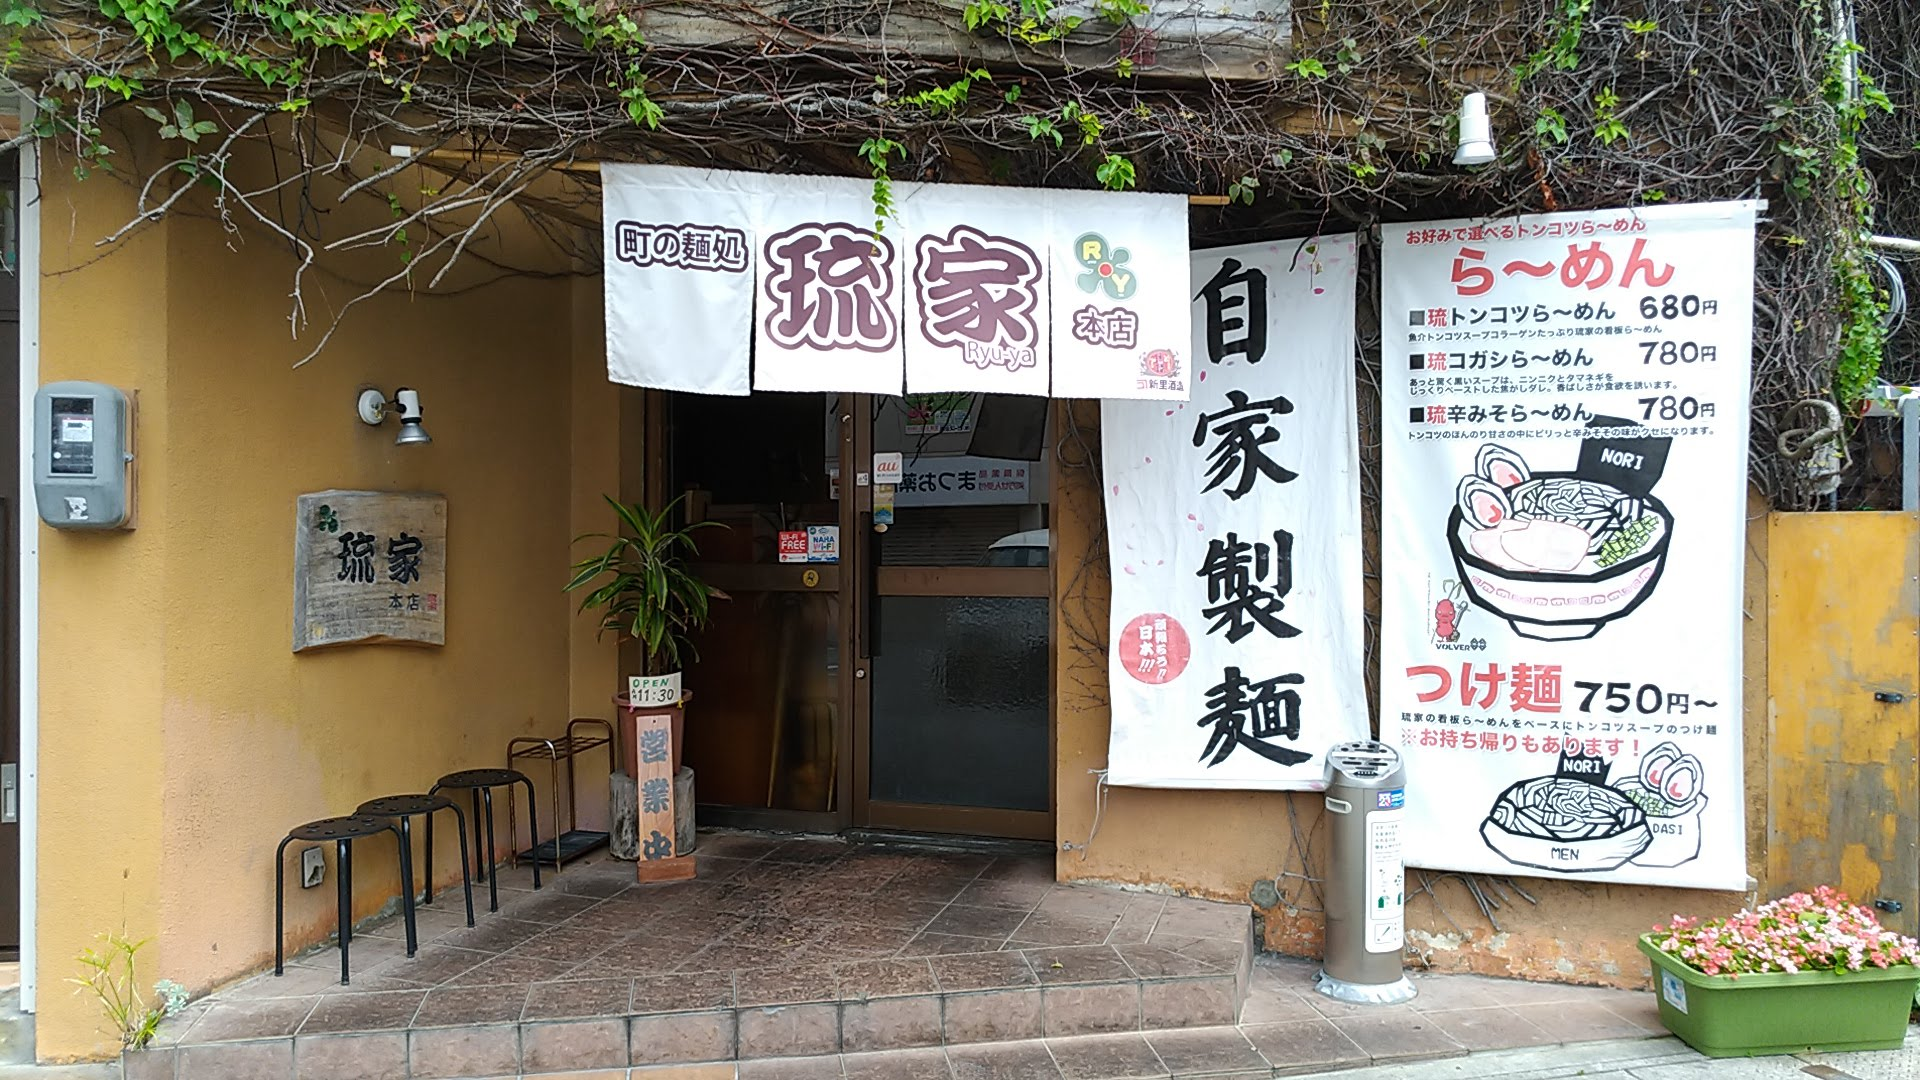 国際通りの裏通りにある流家はラーメンもつけ麺もうまい